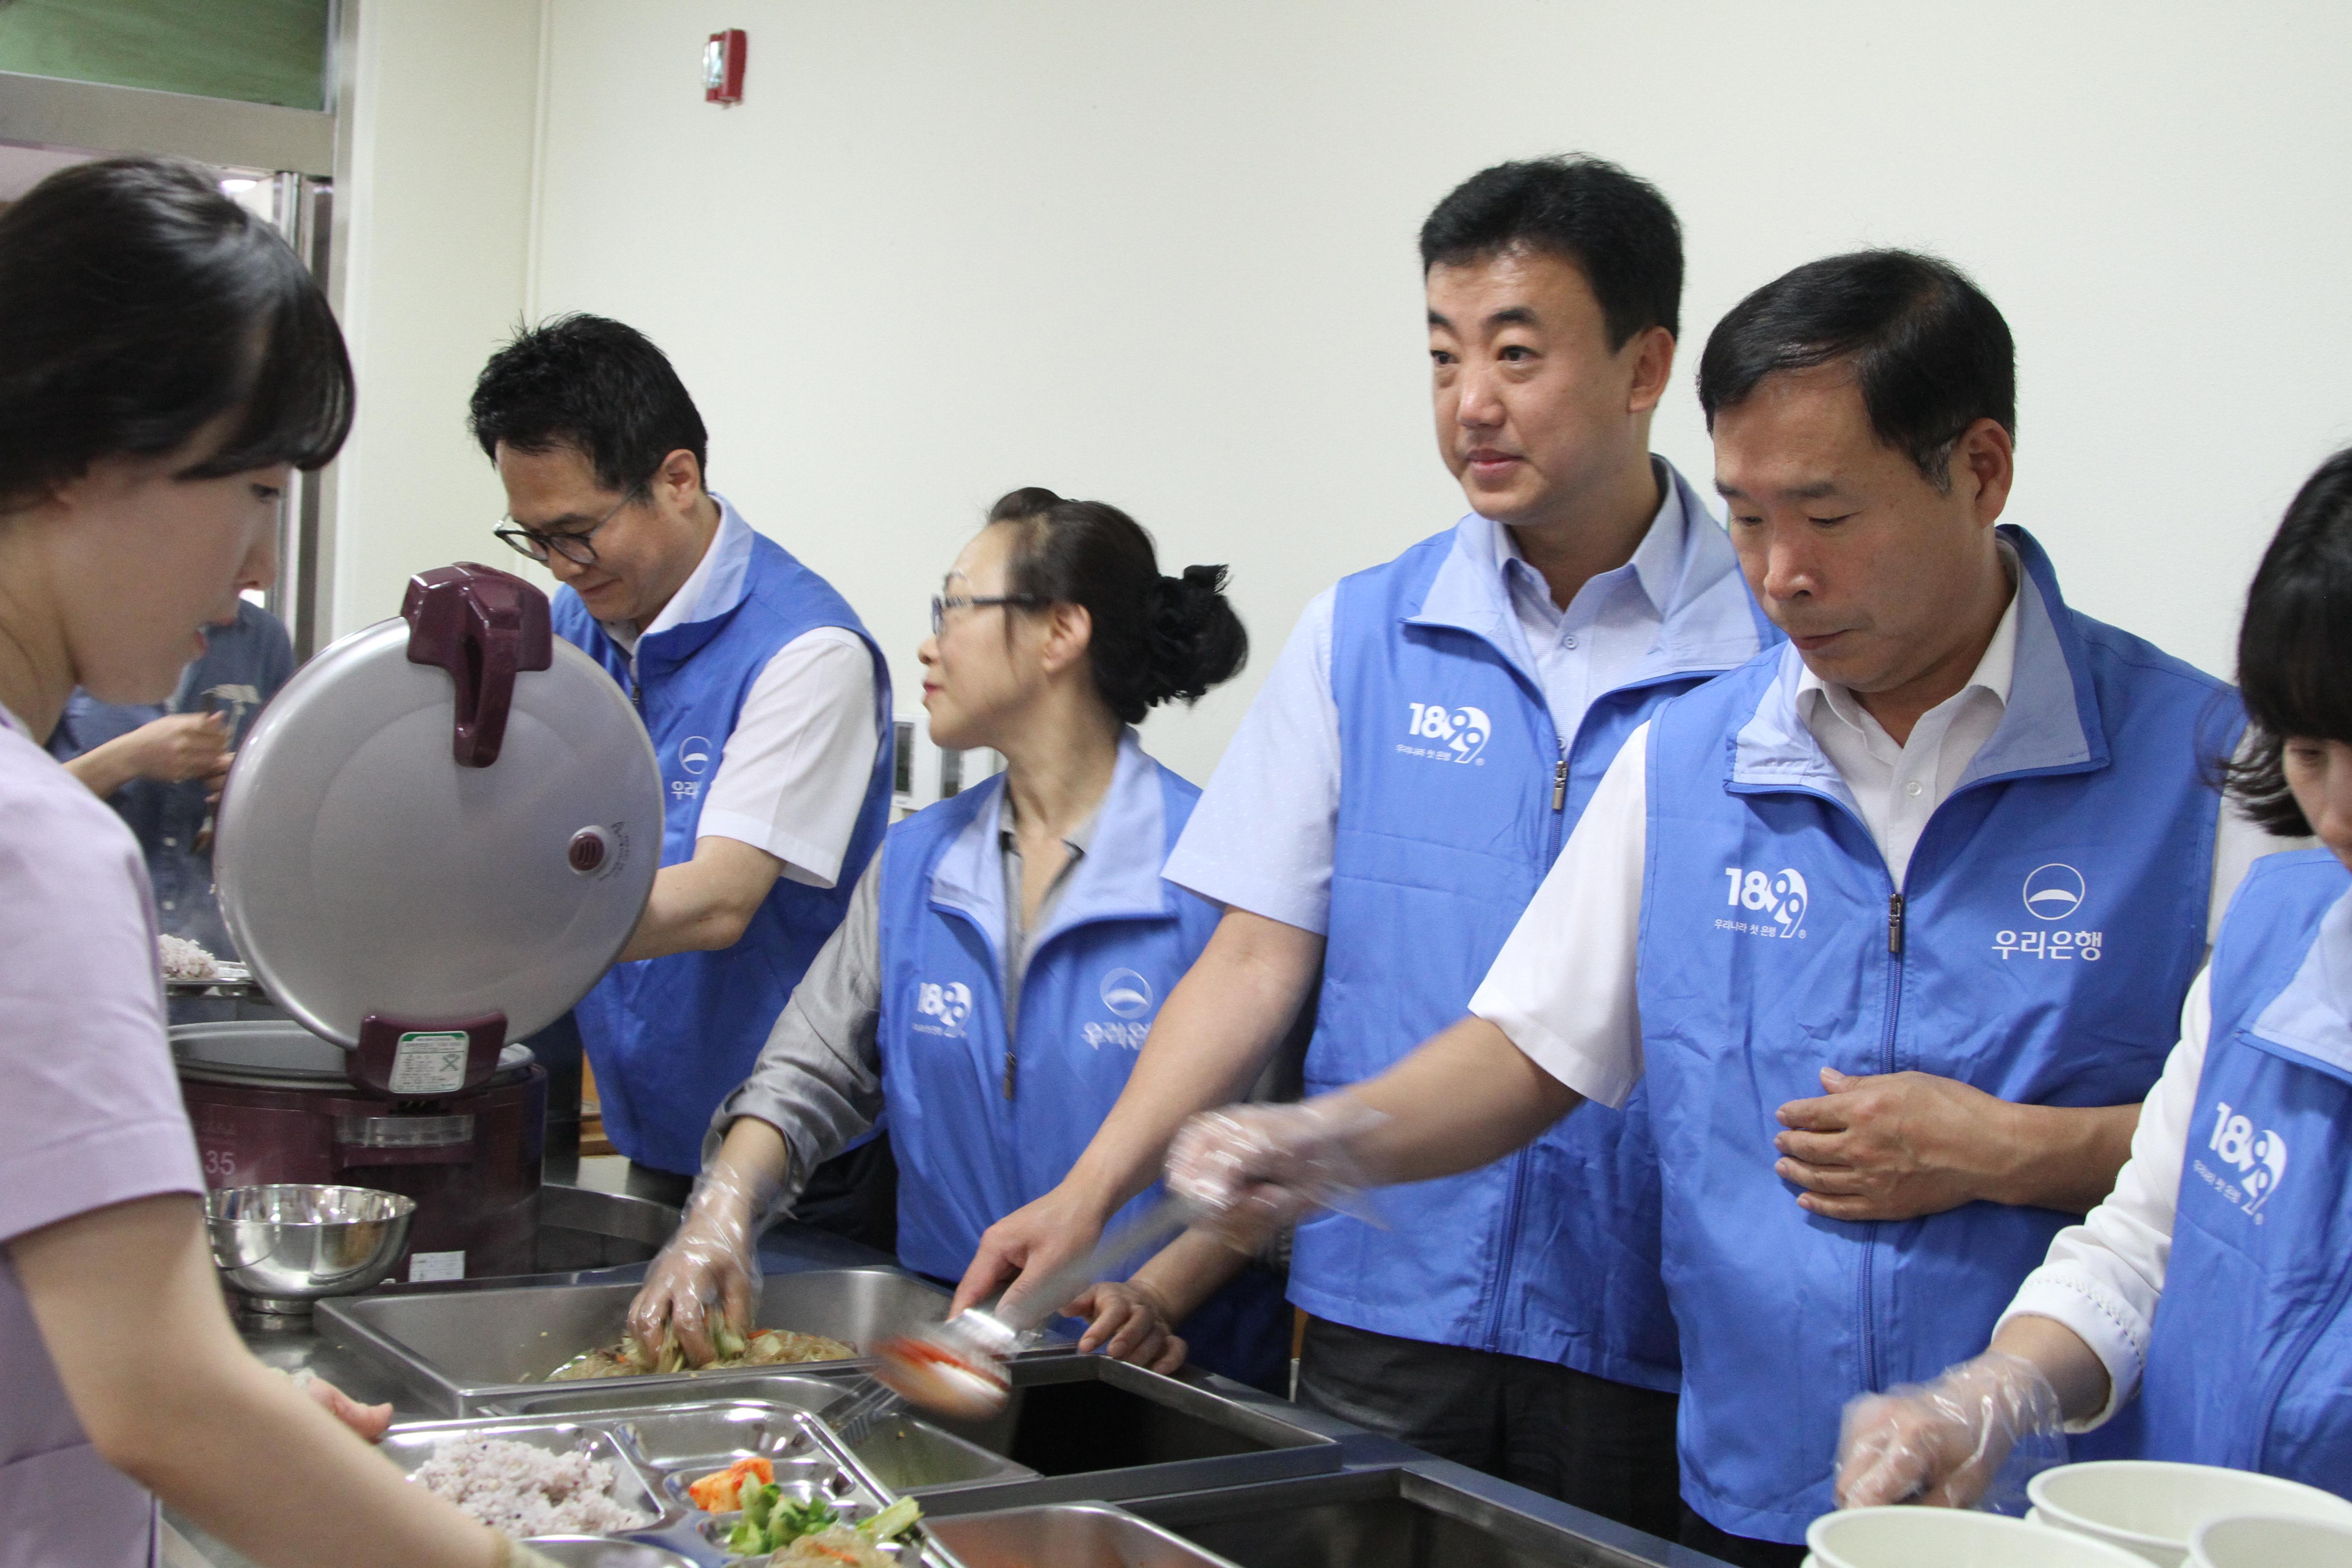 우리은행 용산영업본부 배식봉사 진행